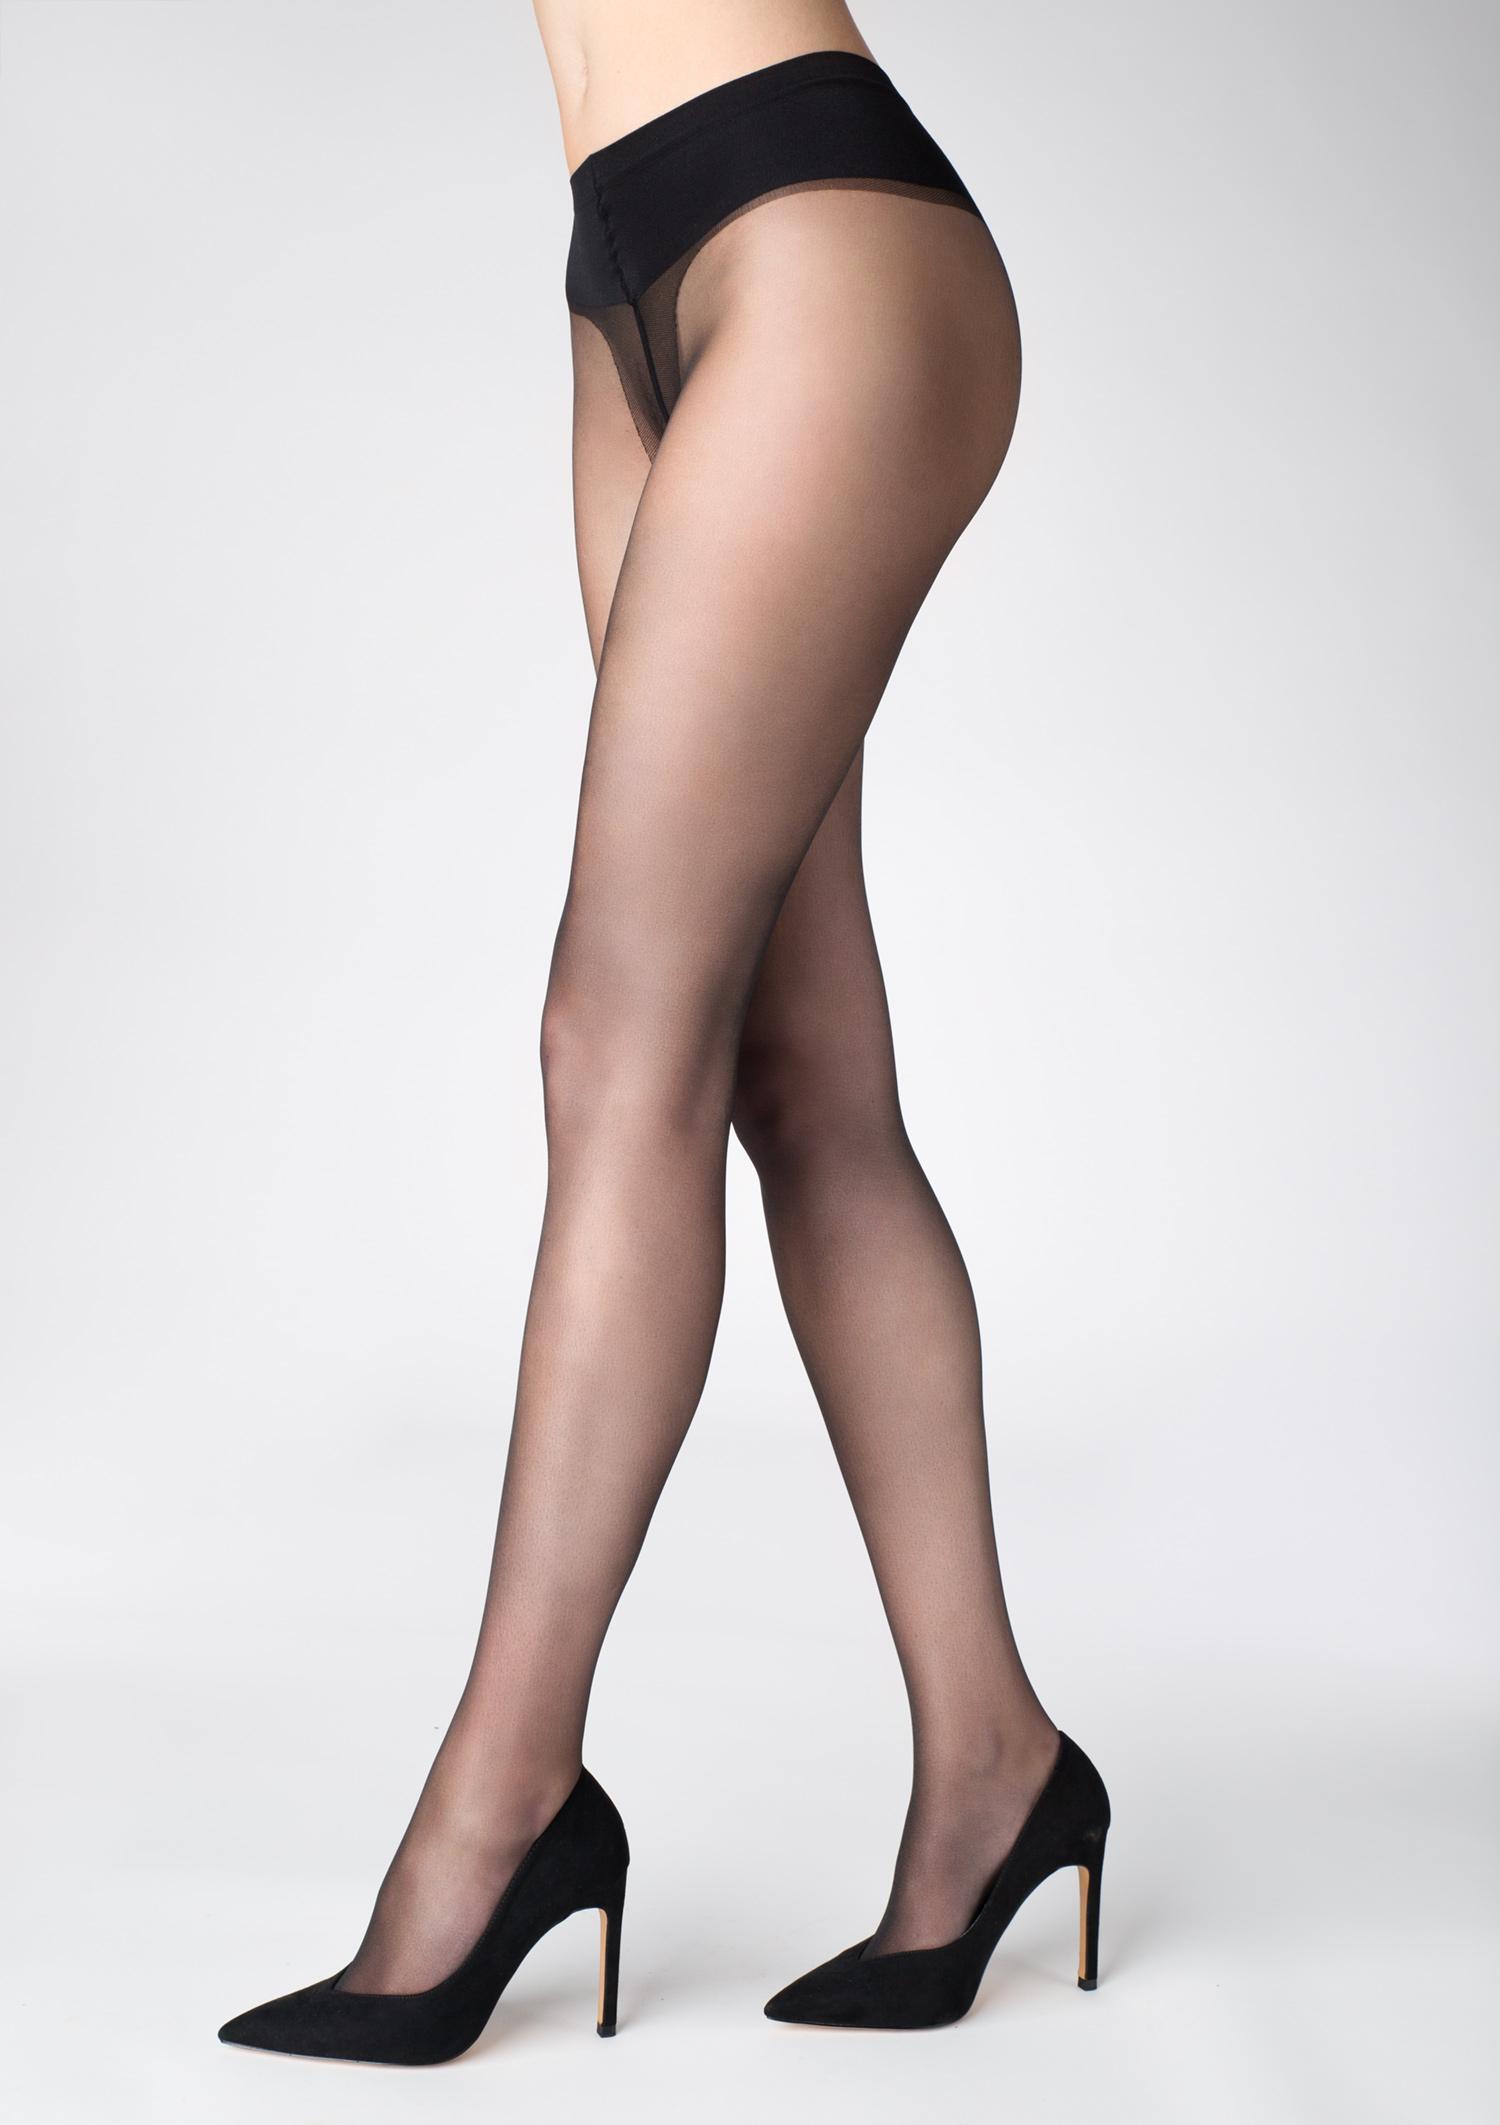 https://golden-legs.com.ua/images/stories/virtuemart/product/img_28299.jpg